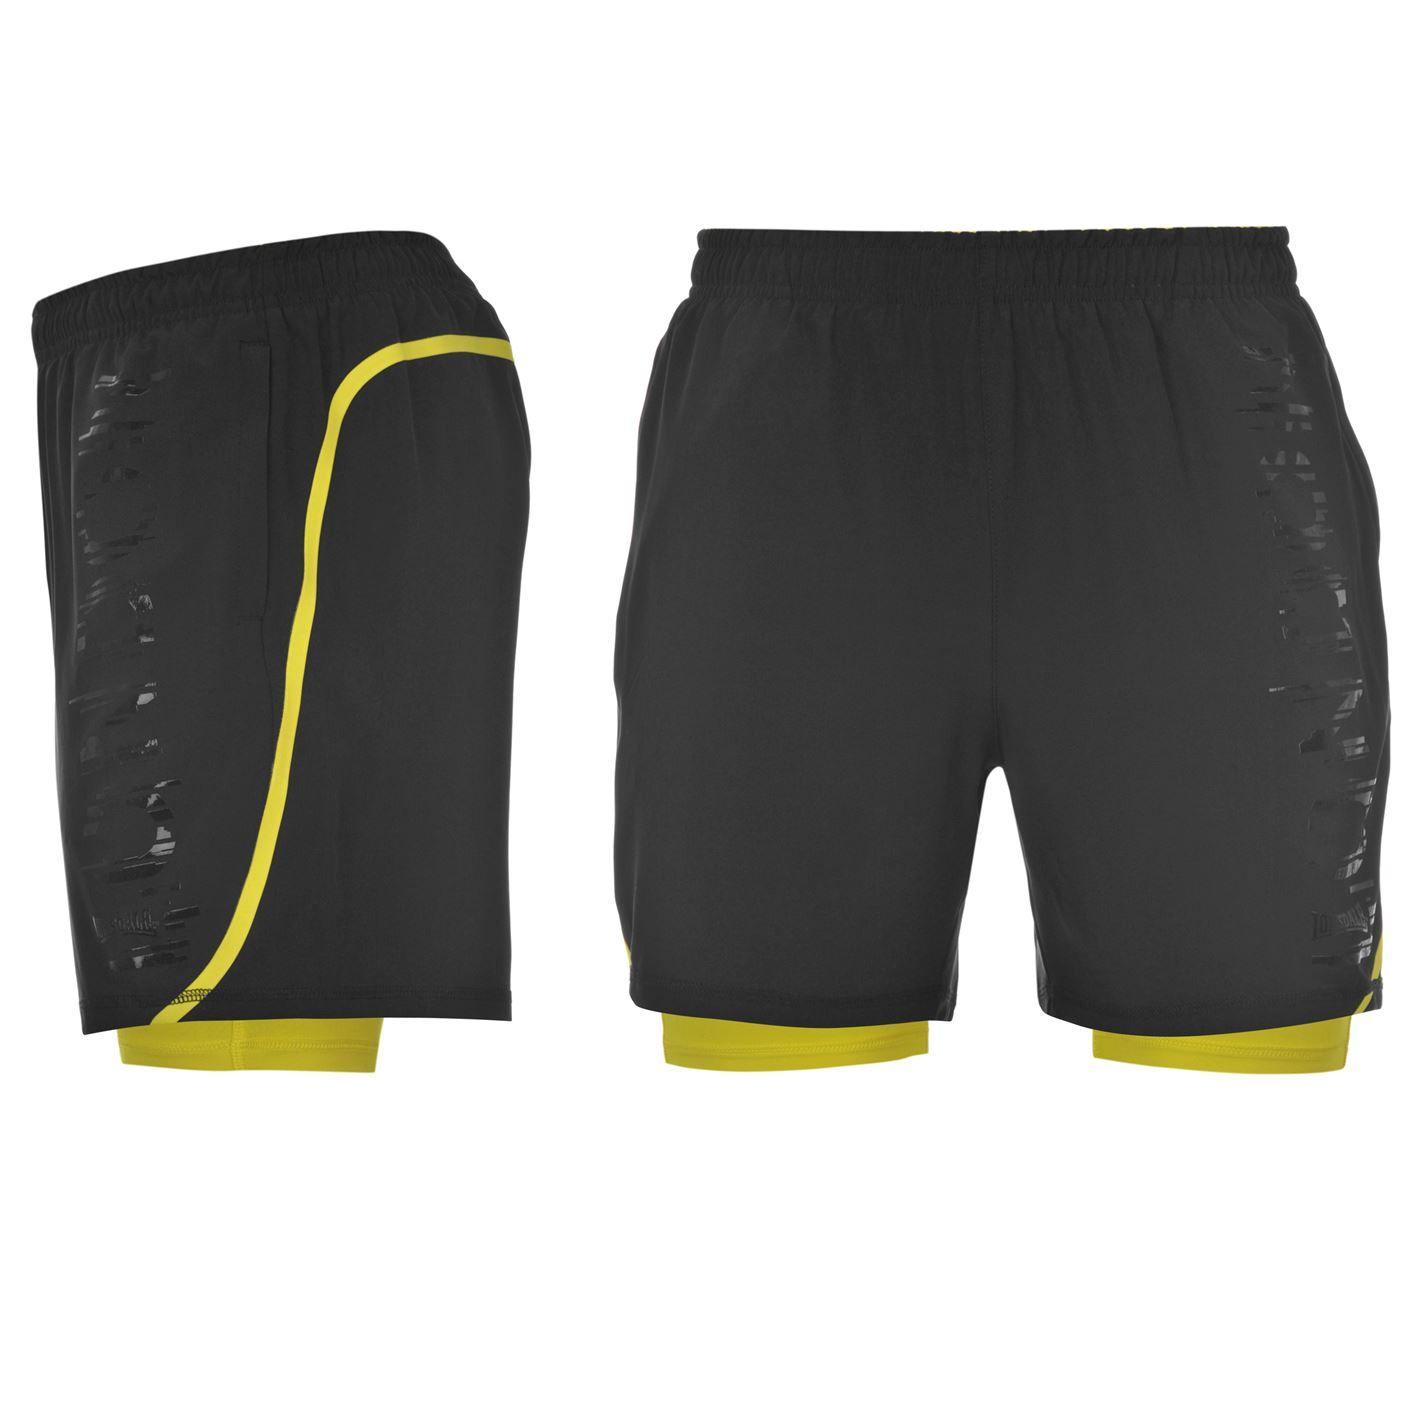 2 in 1 shorts men's